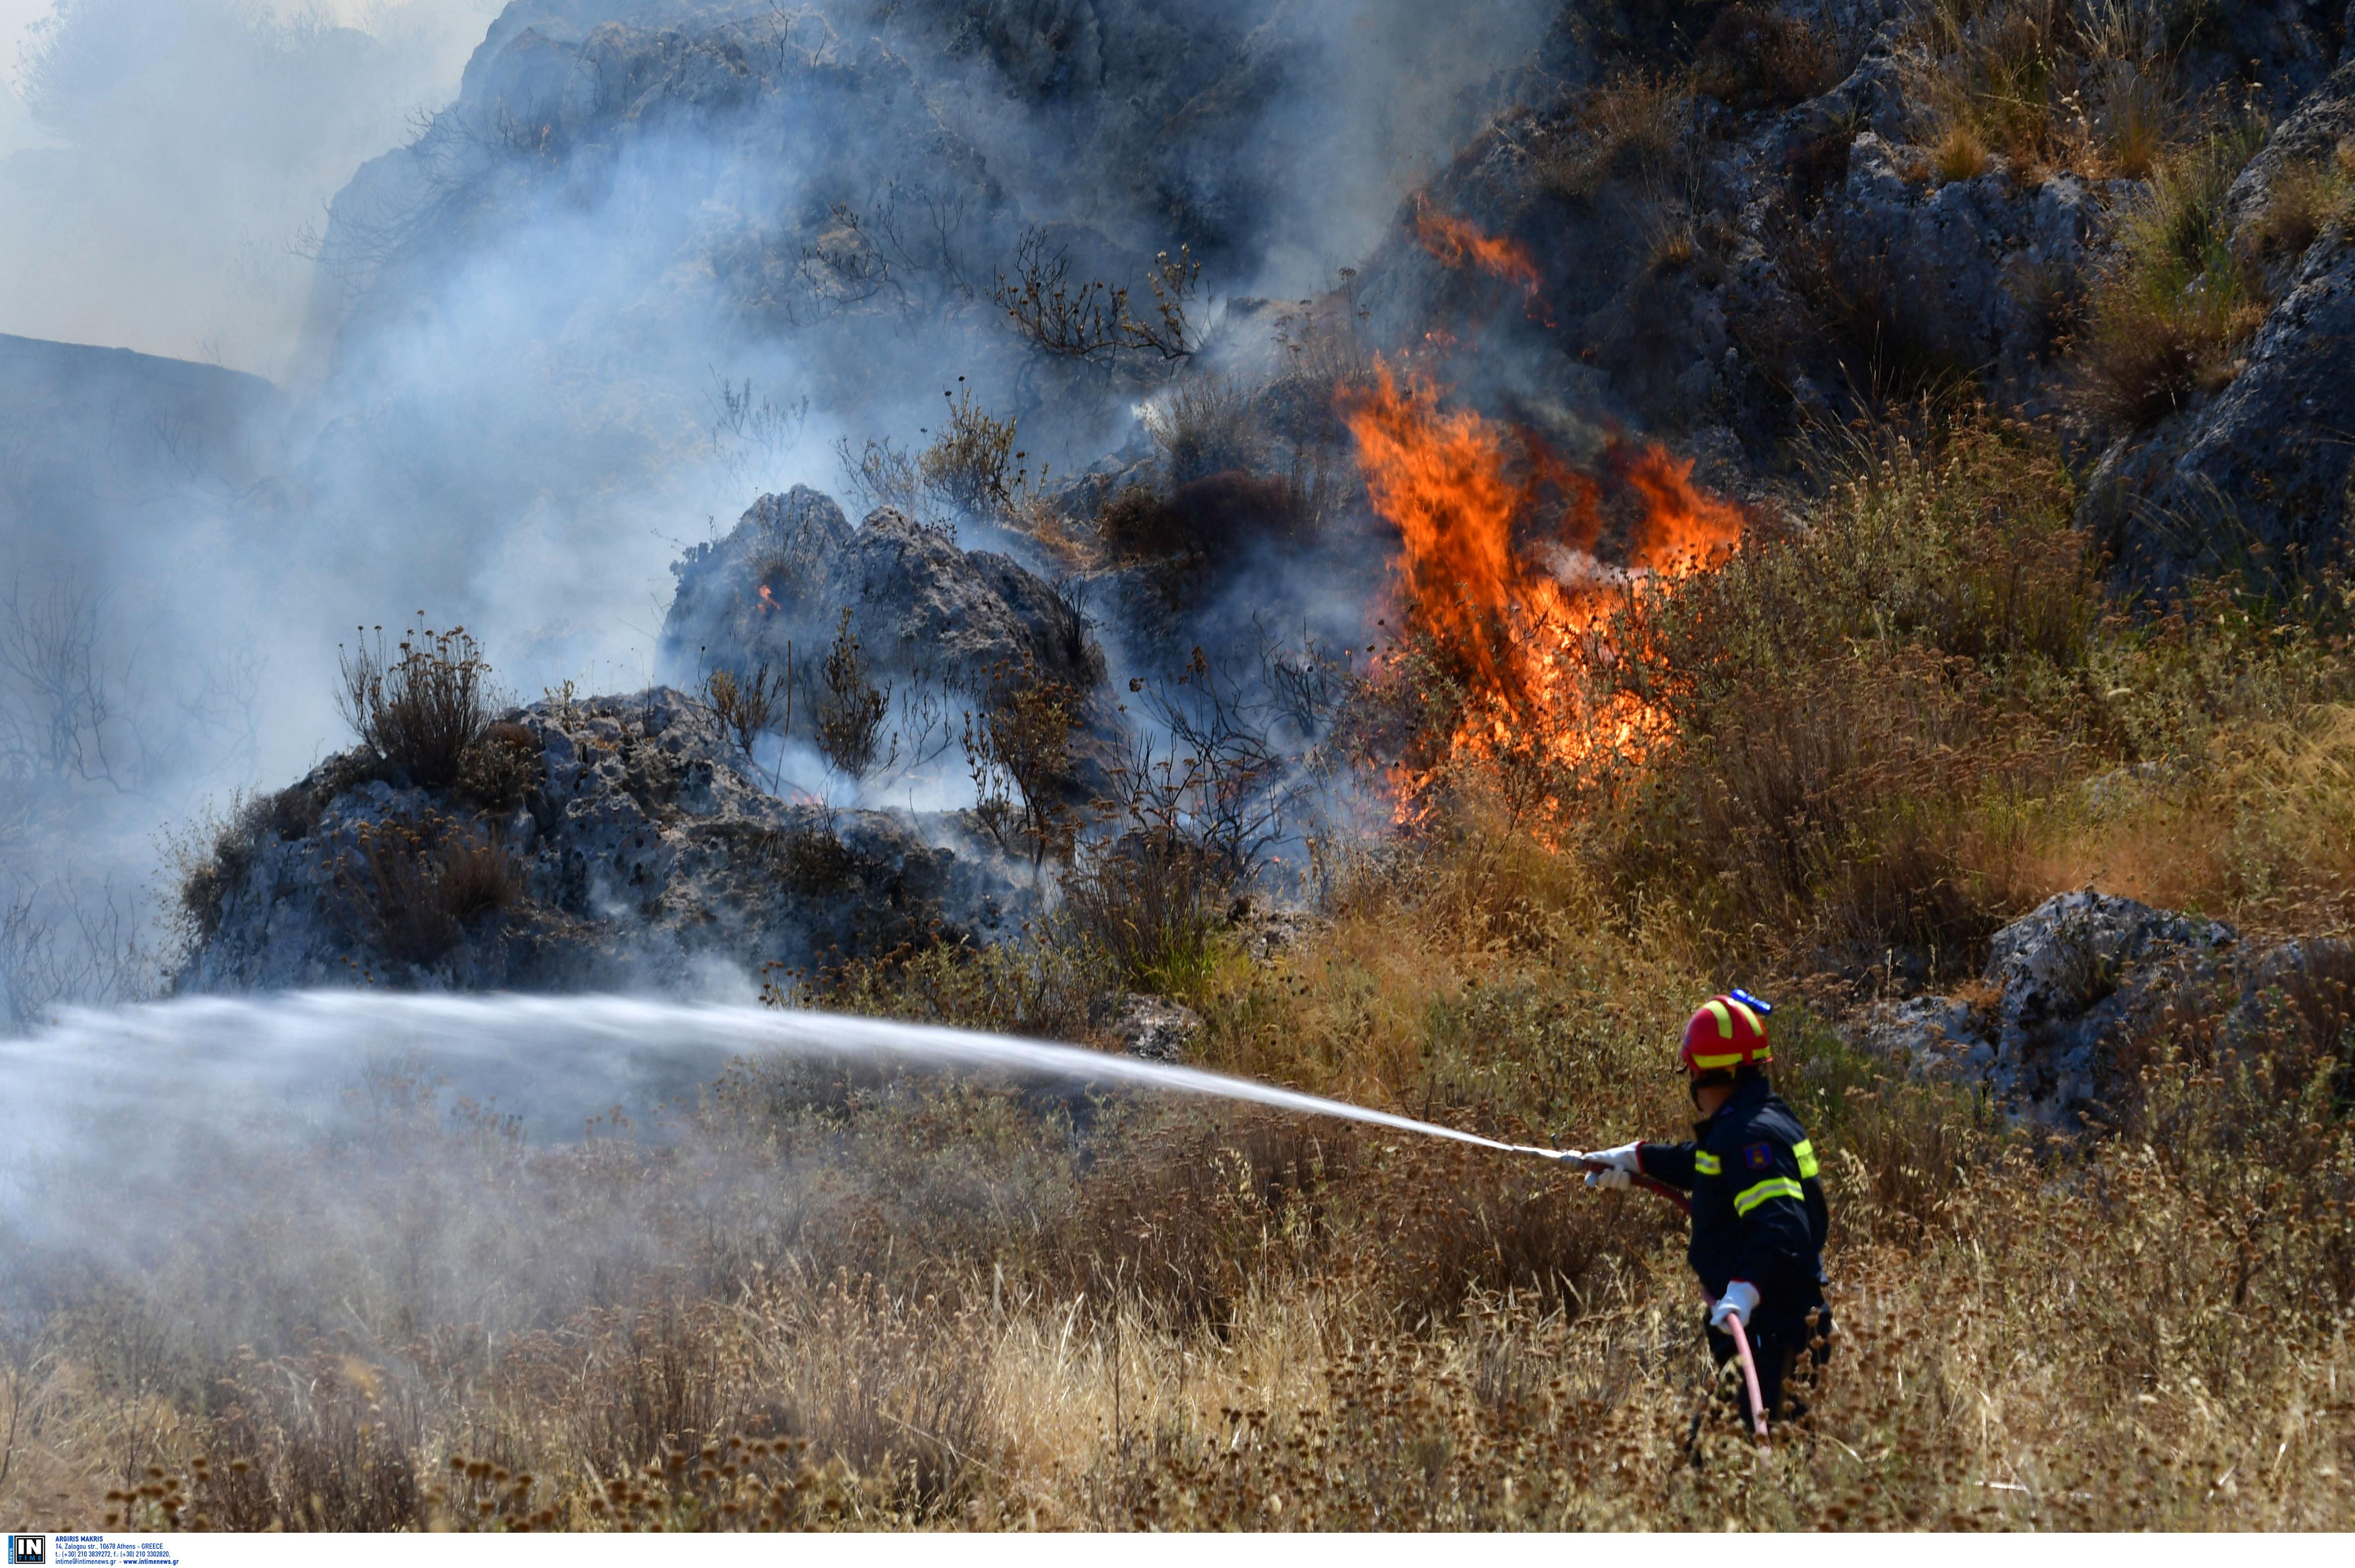 Ανδρος: Έβαλε φωτιά για να βγει χορτάρι – Συνελήφθη ένας βοσκός